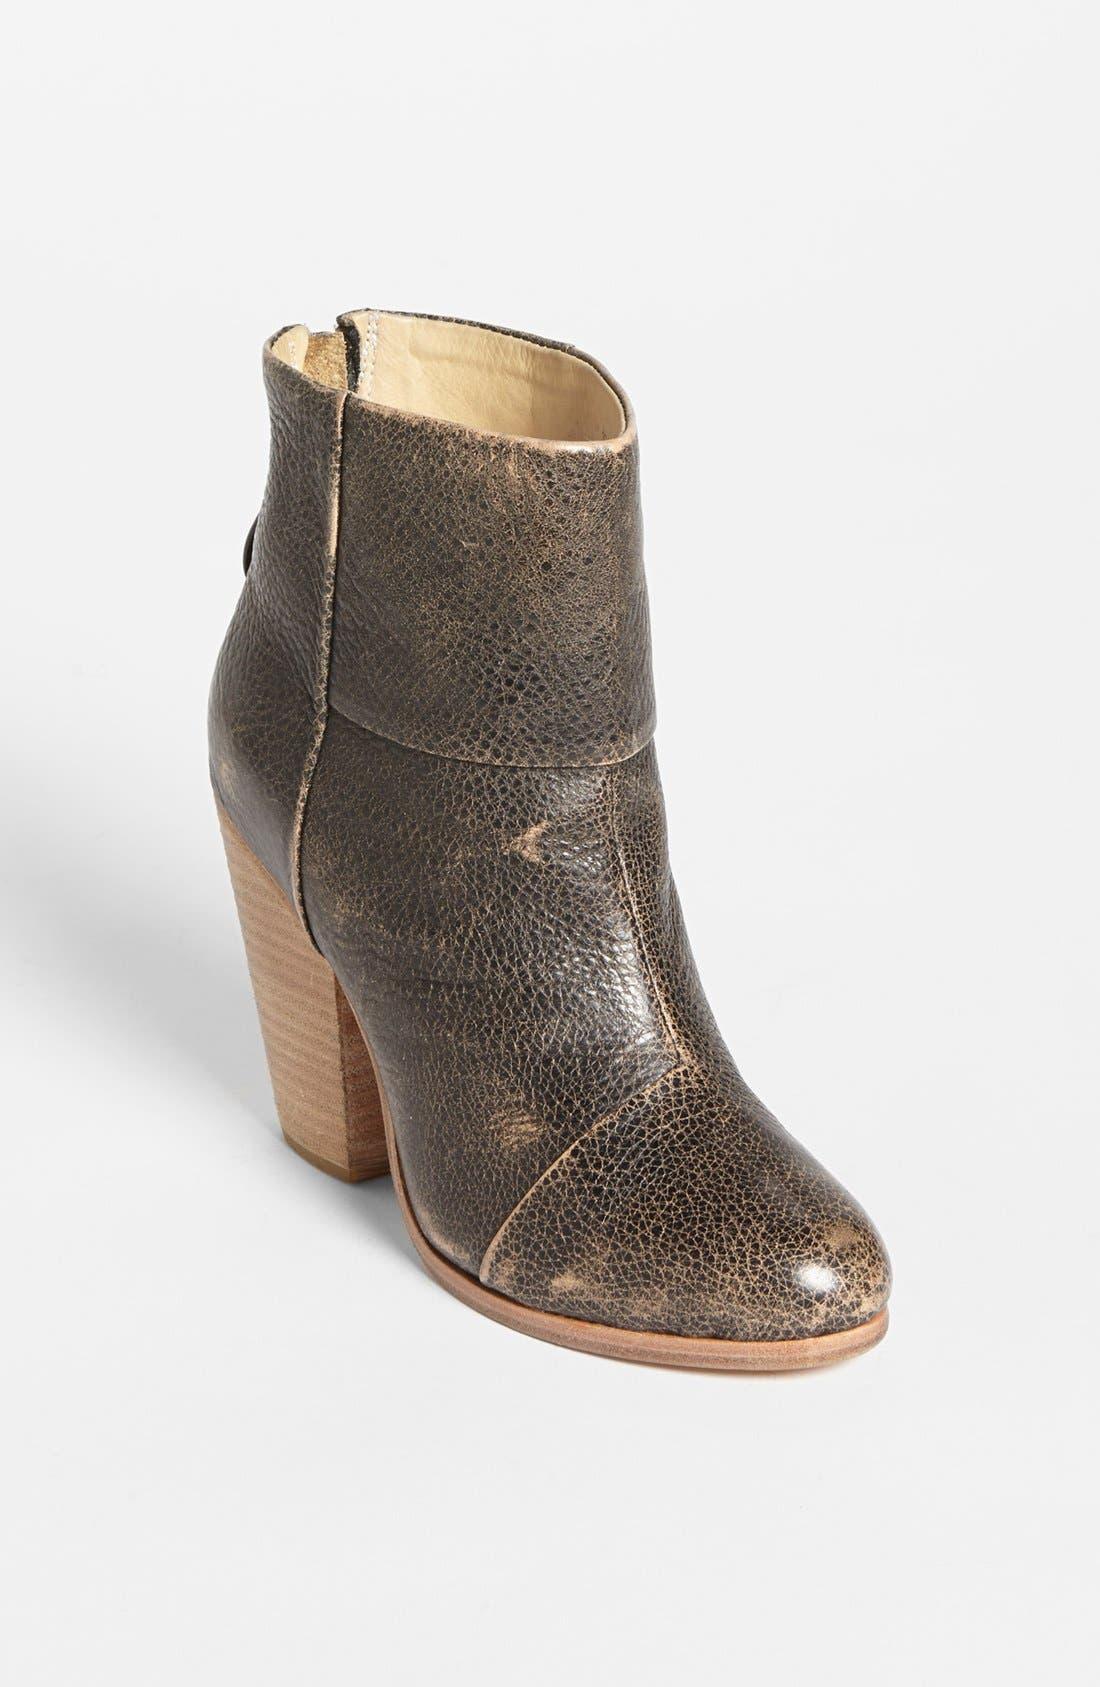 Alternate Image 1 Selected - rag & bone 'Classic Newbury' Boot